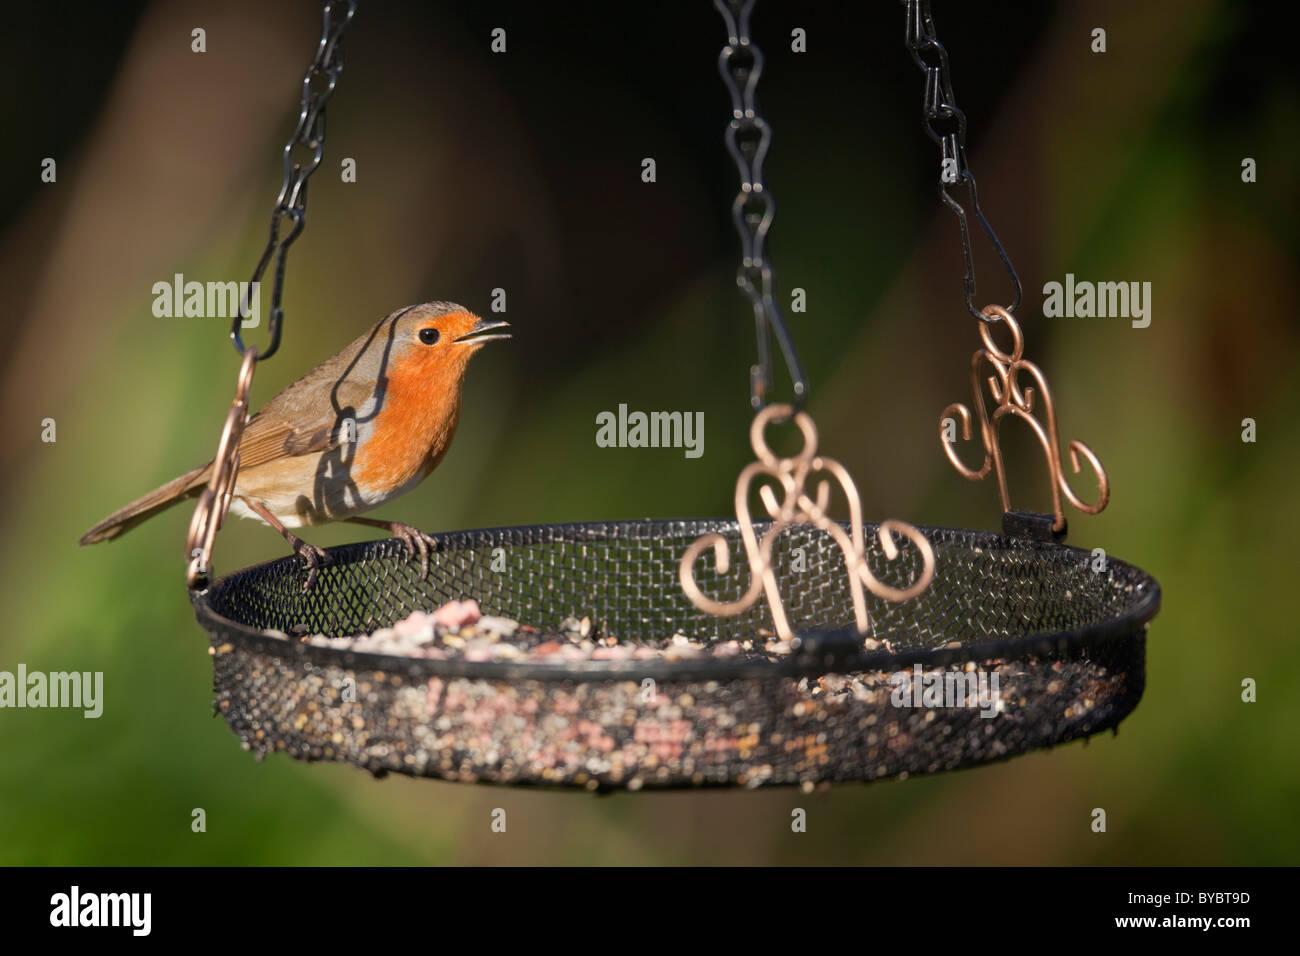 Robin; Erithacus rubecula; on a tray feeder; garden; Cornwall - Stock Image